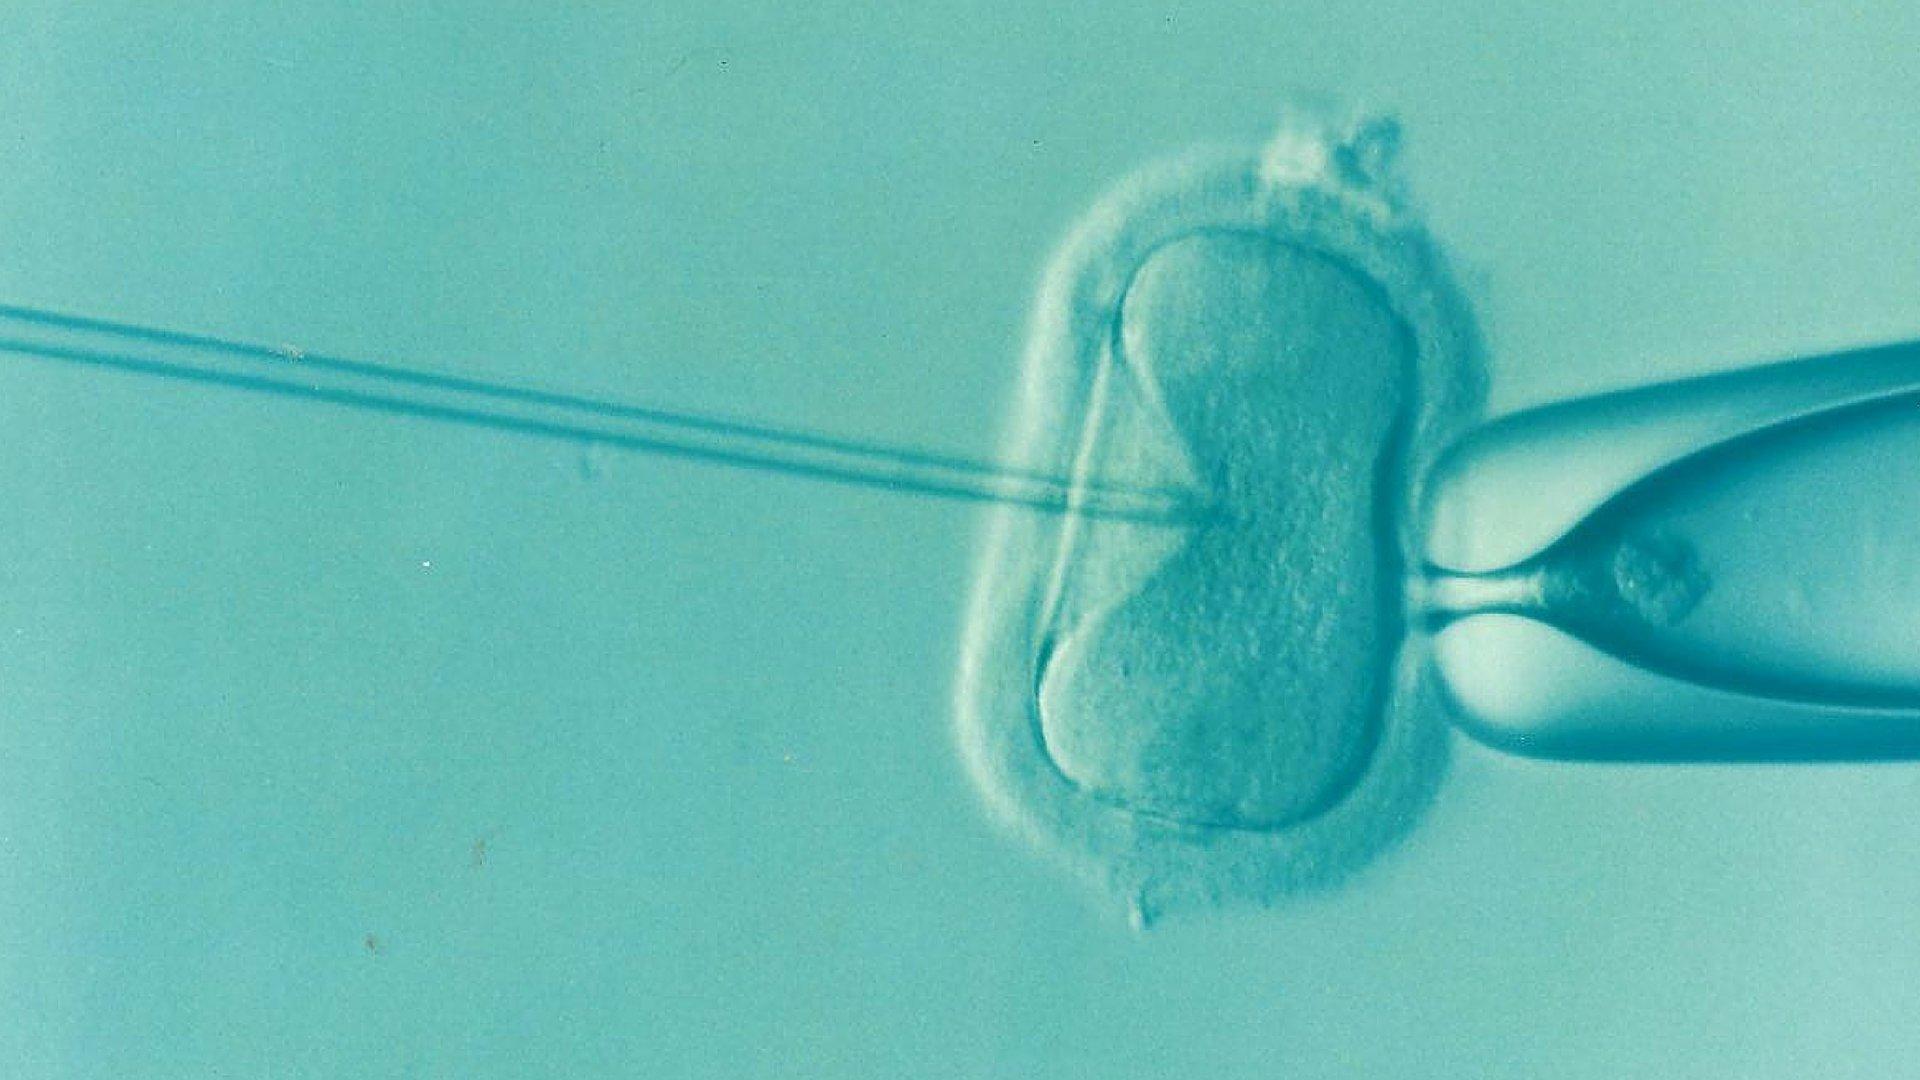 Größte Studie von Krebs bei Kindern nach IVF